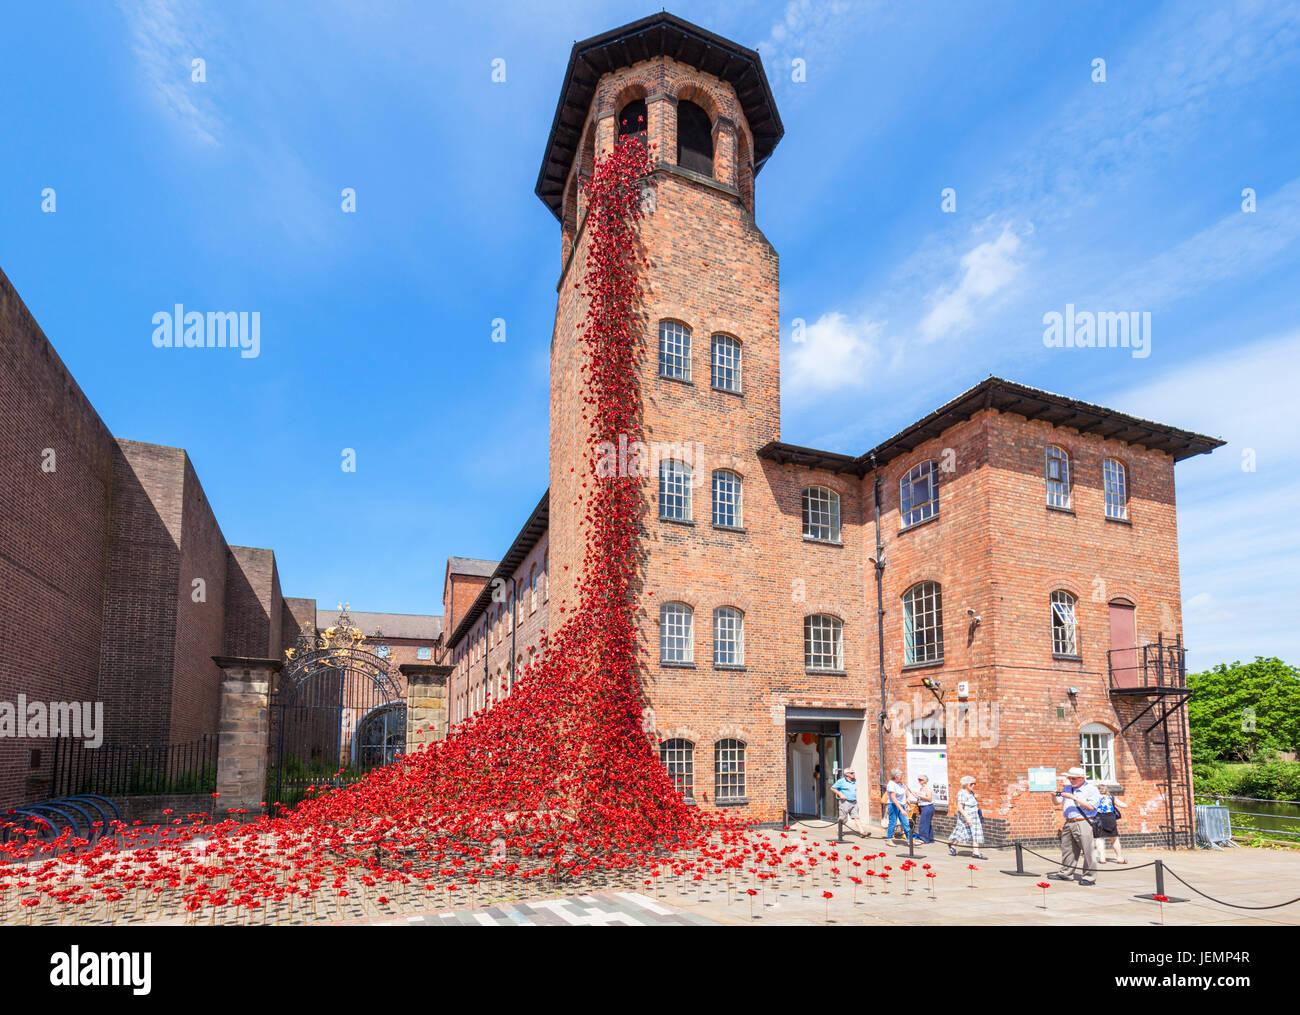 Moulin à soie Derby Fenêtre pleurant coquelicots Exposition par Paul Cummings au Derby Silk Mill Juin Photo Stock